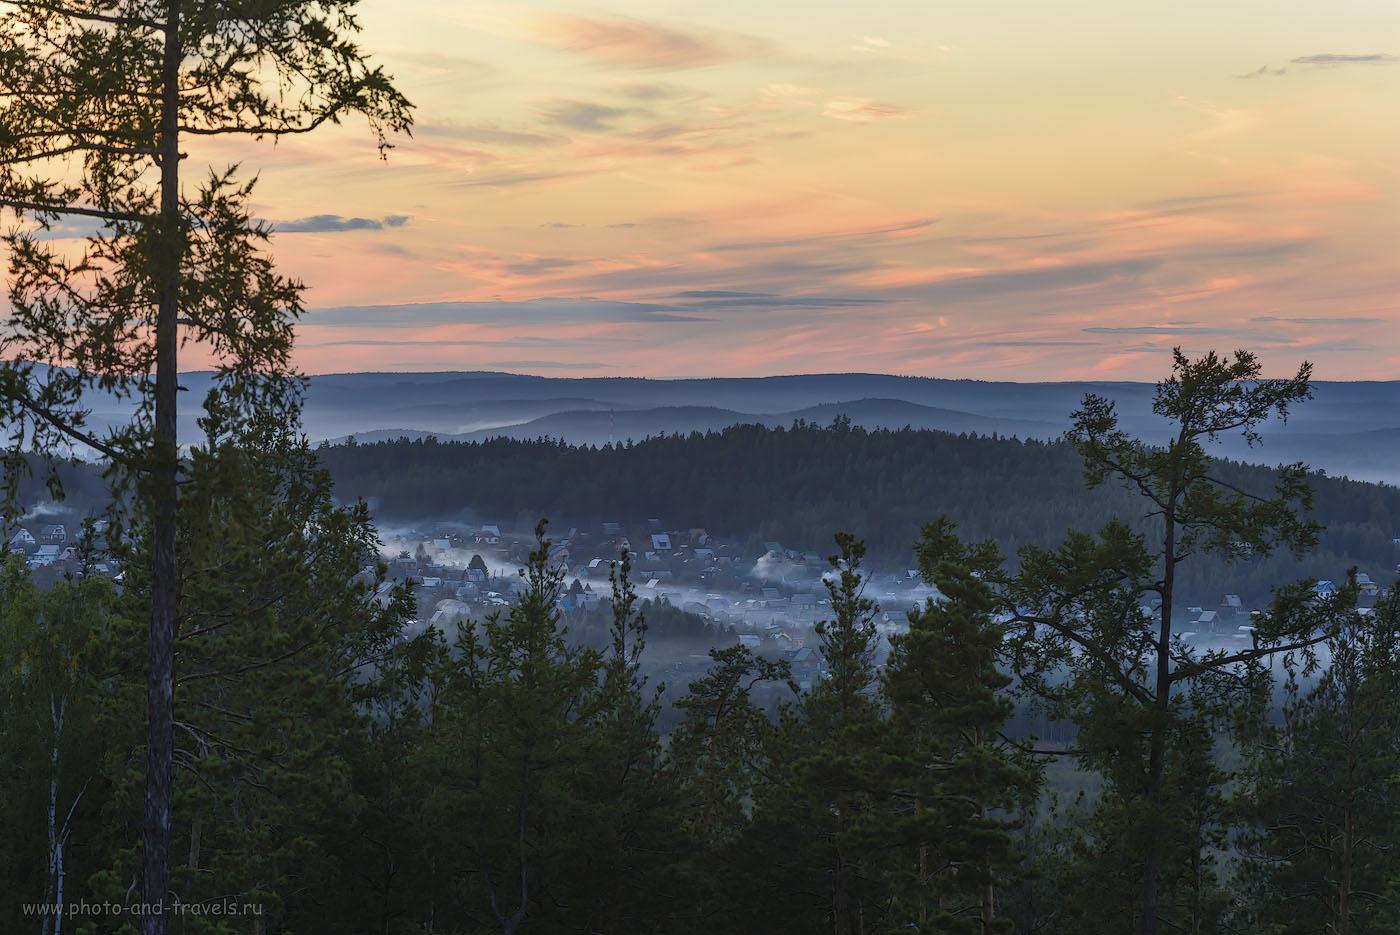 8. Такой пейзаж открывается со скал Петра Гронского. Наверное, на рассвете здесь еще красивее...